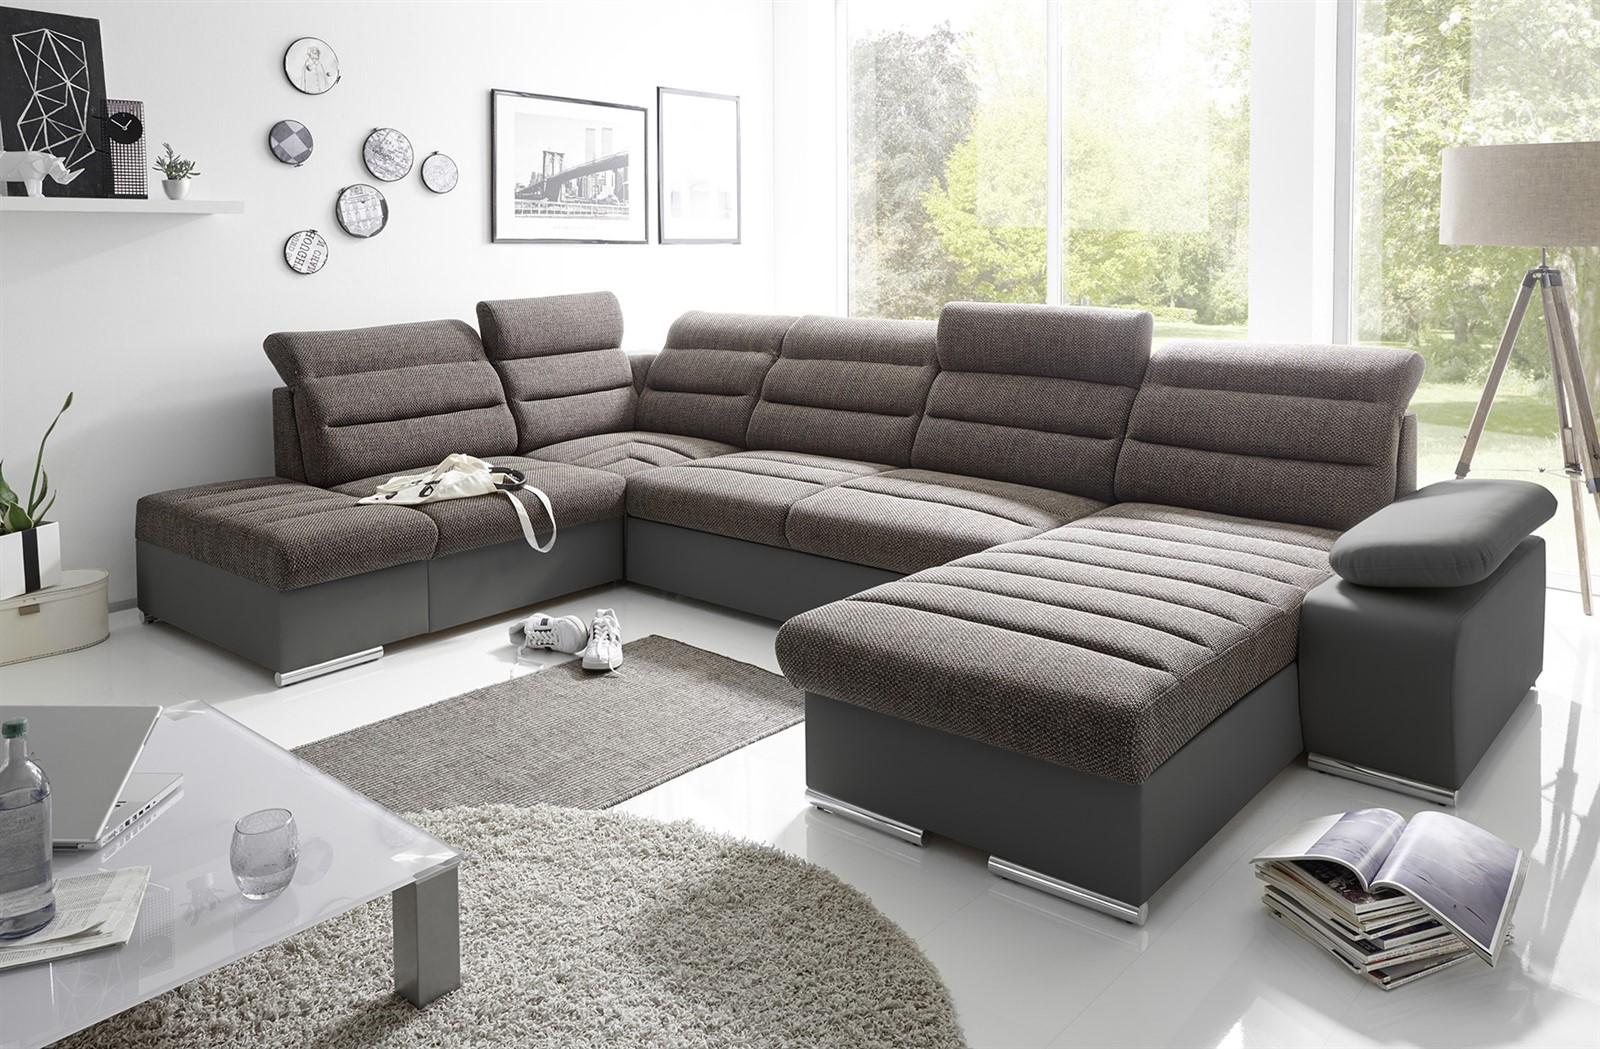 couchgarnitur pascara u form mit schlaffunktion schwarz otto rechts fun m bel. Black Bedroom Furniture Sets. Home Design Ideas